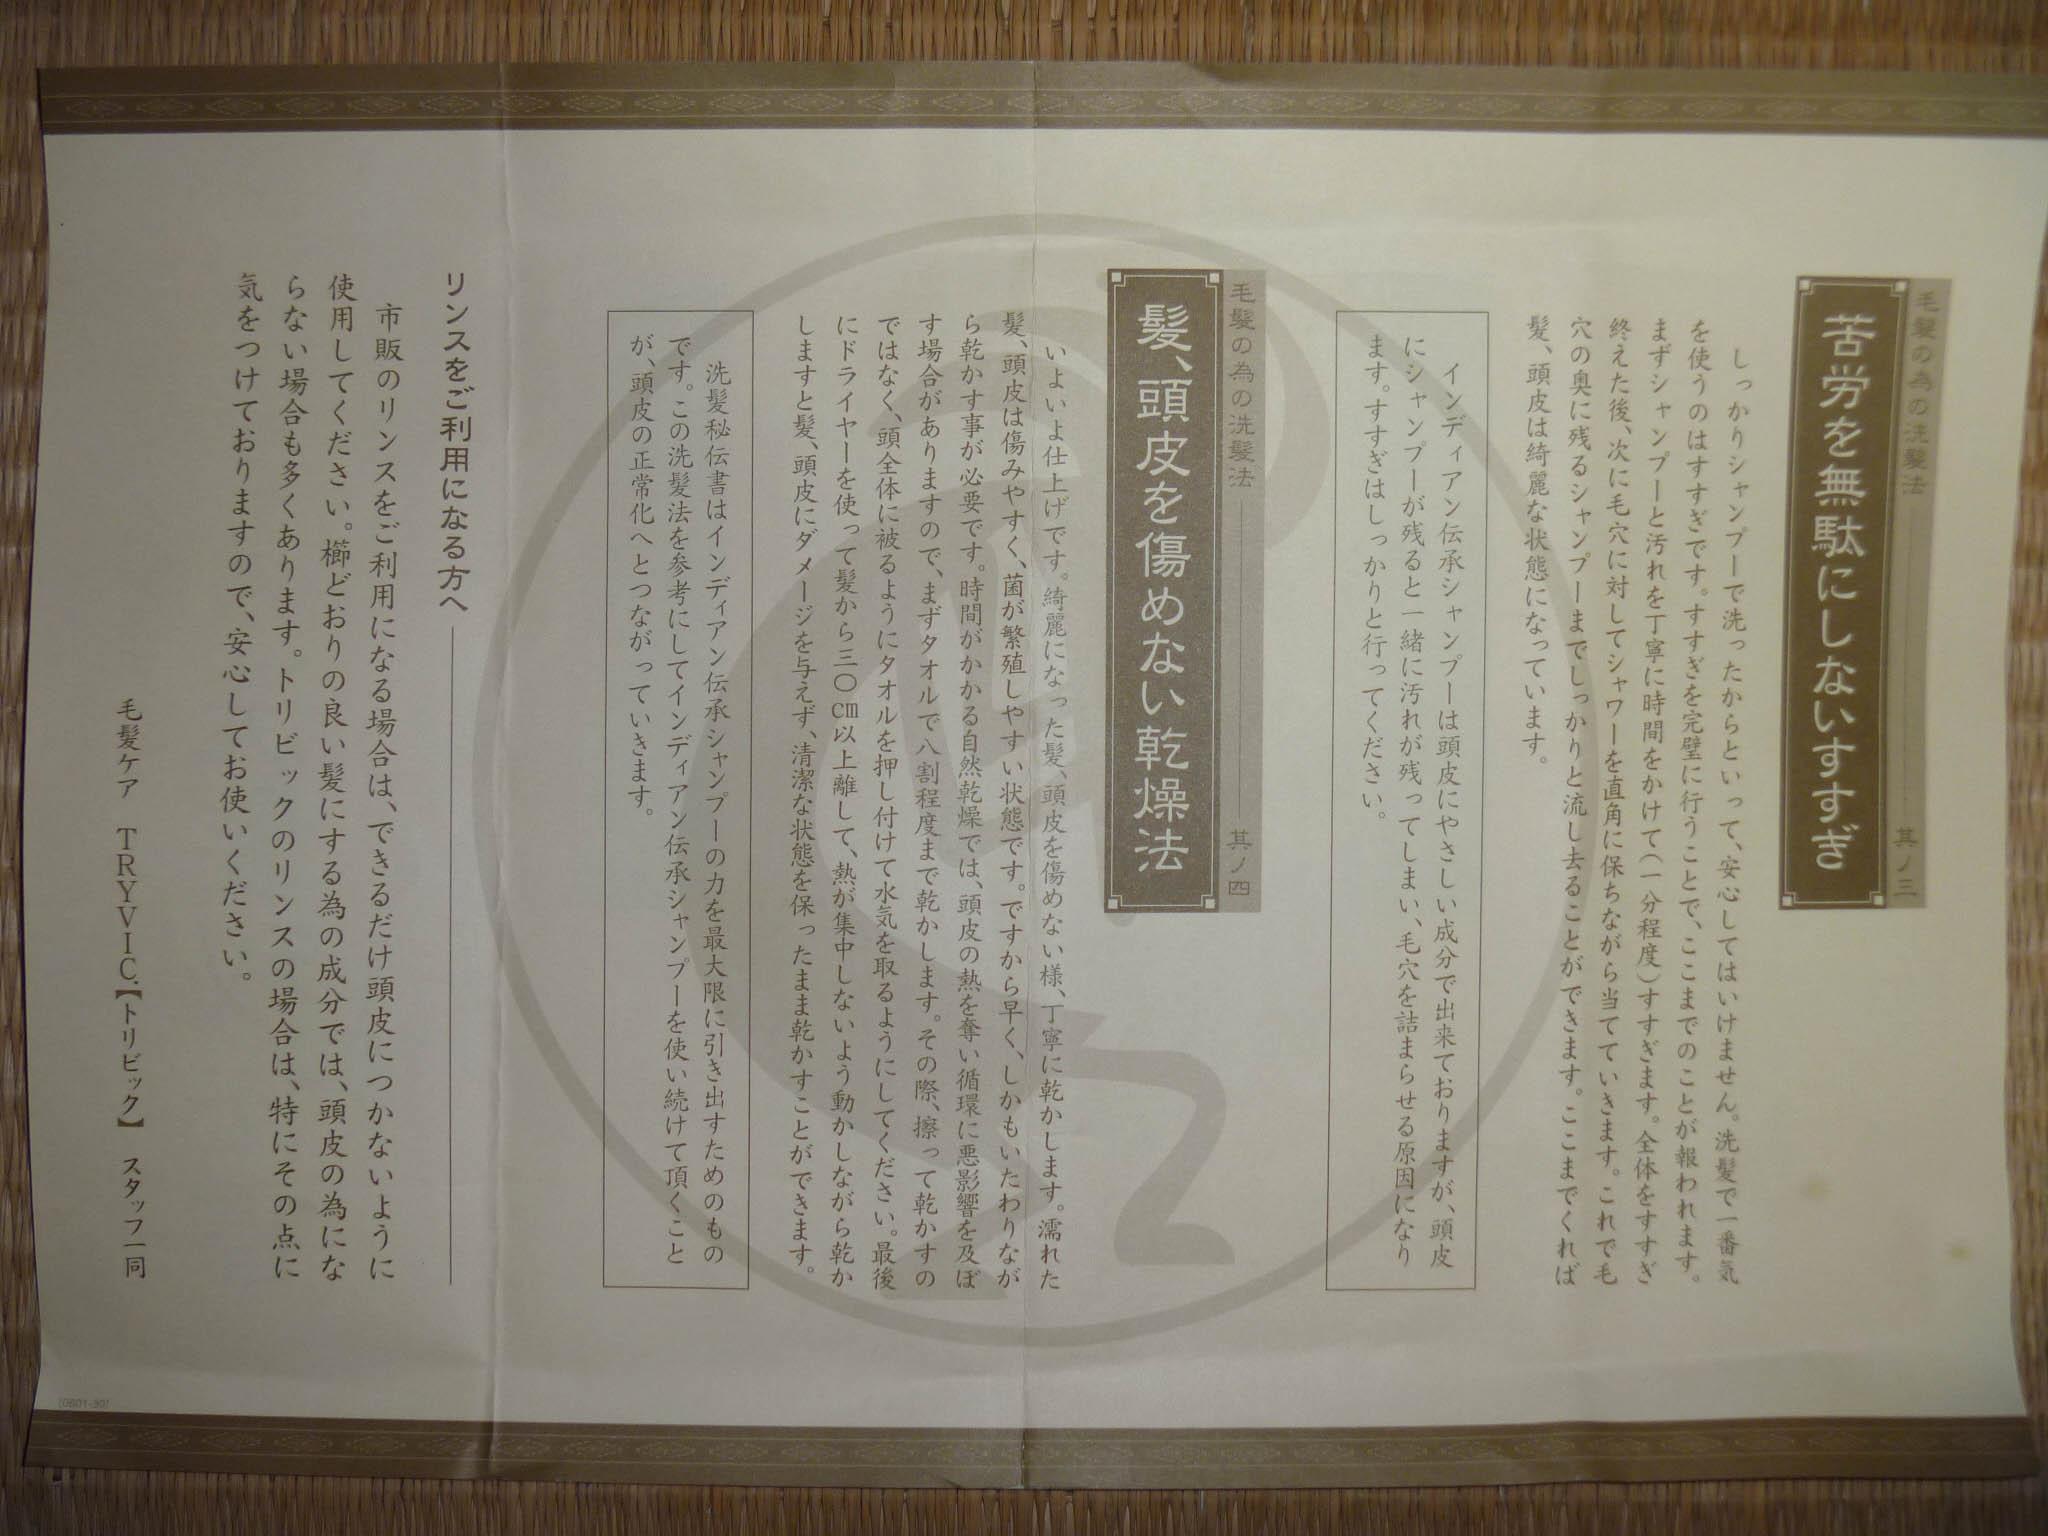 インディアンシャンプーの秘伝書(裏)